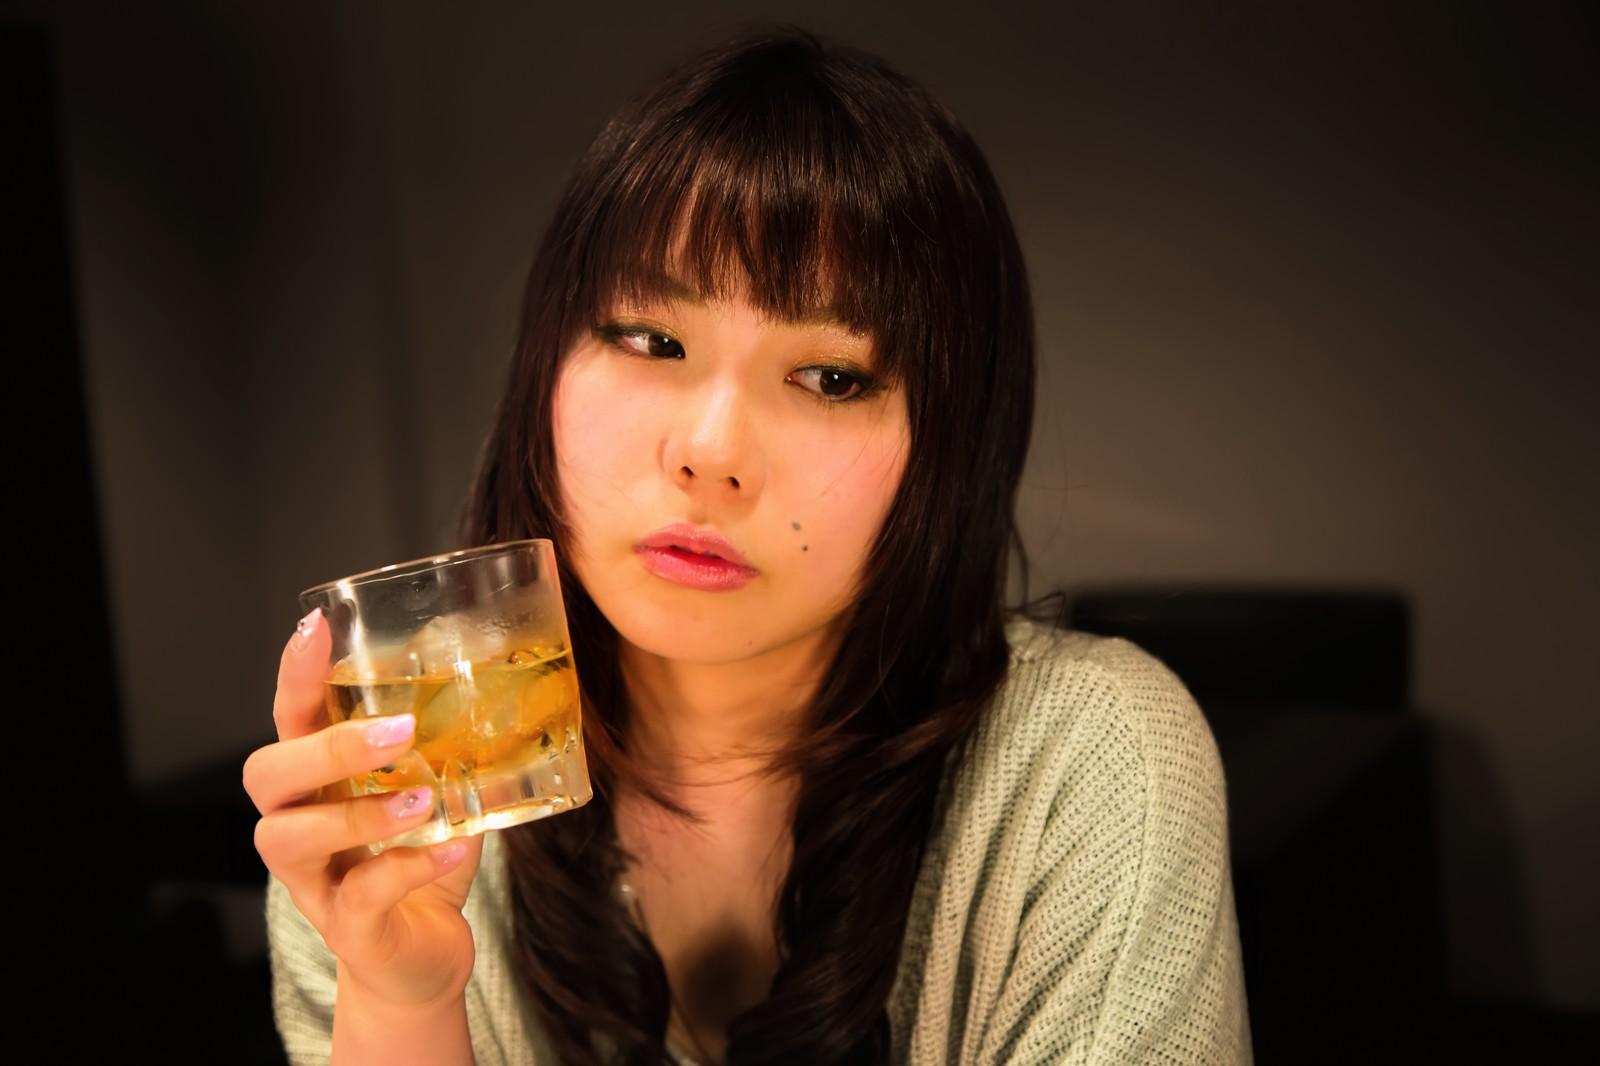 ウイスキーを飲む美女